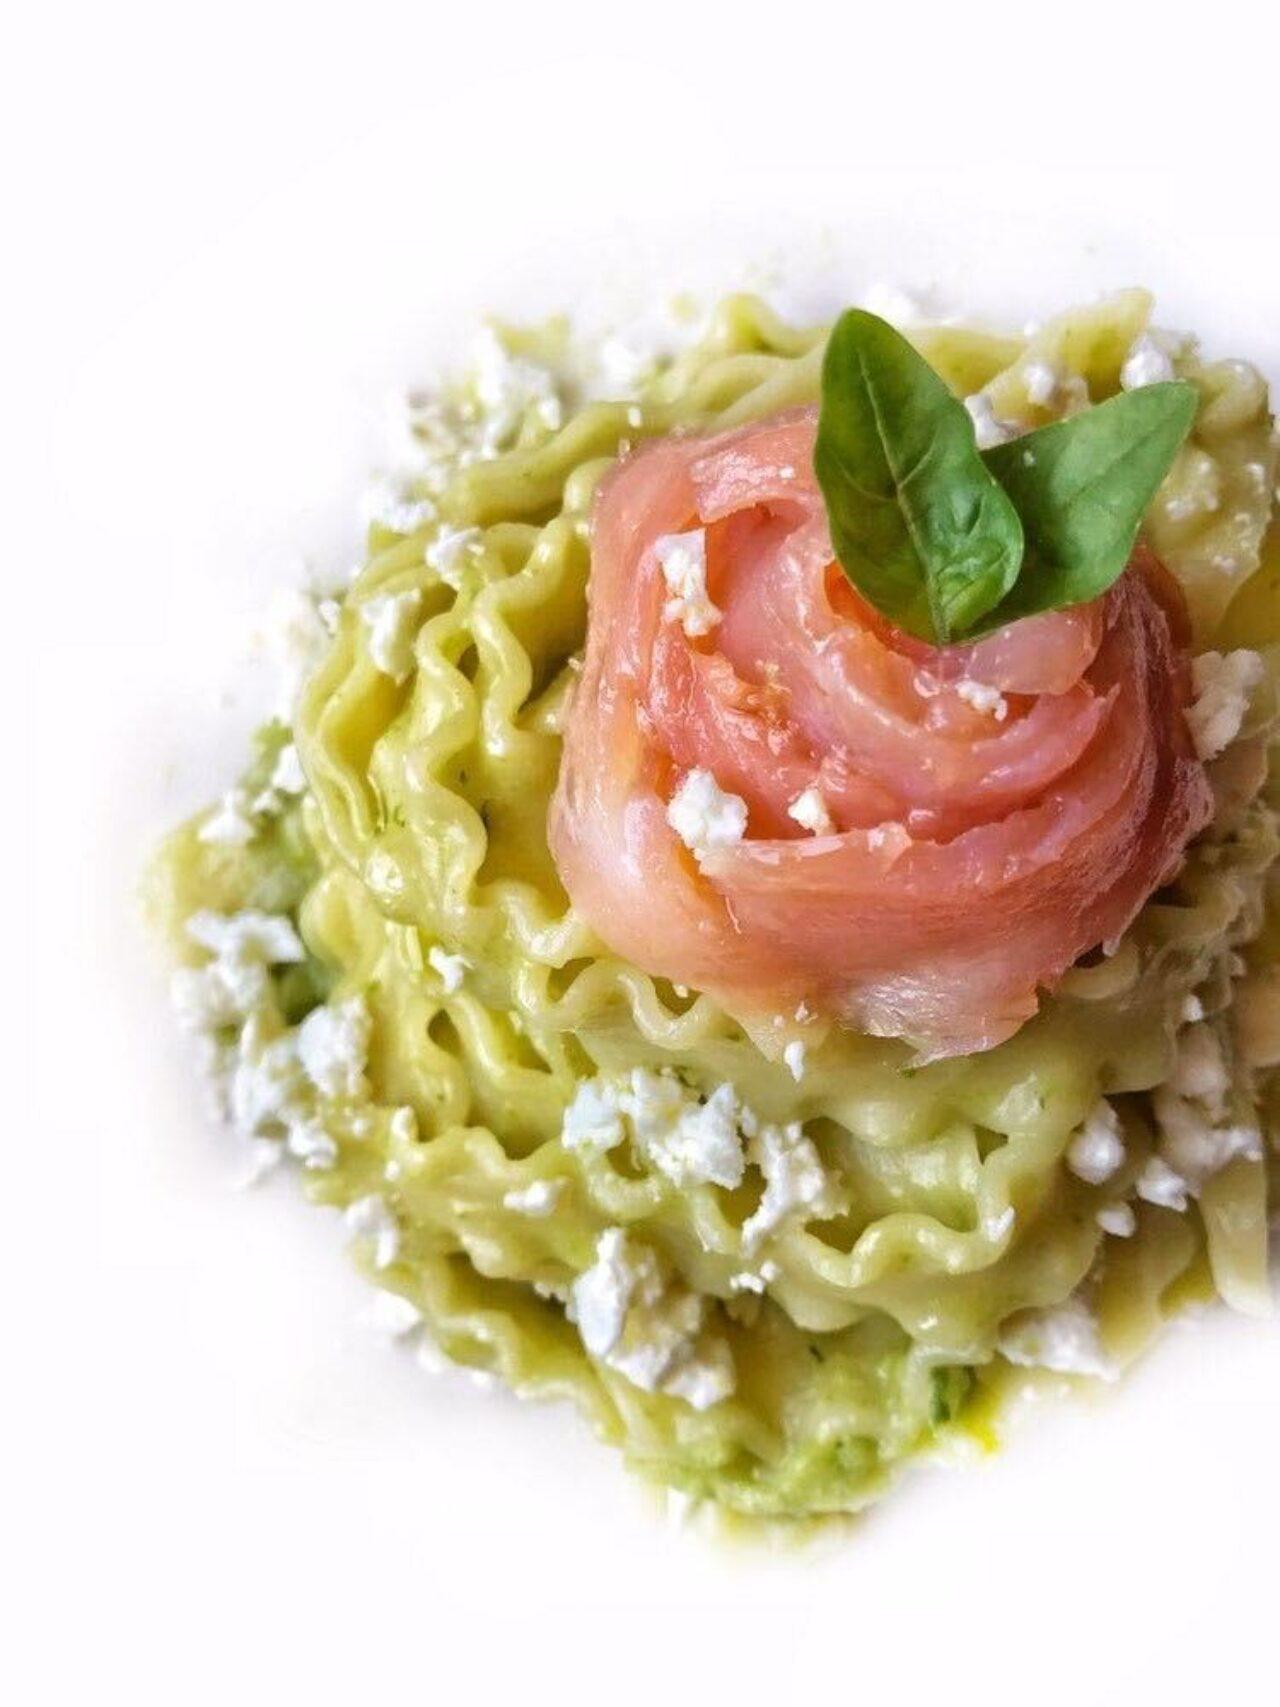 Mafalde con pesto di zucchine, basilico fresco, feta e salmone affumicato